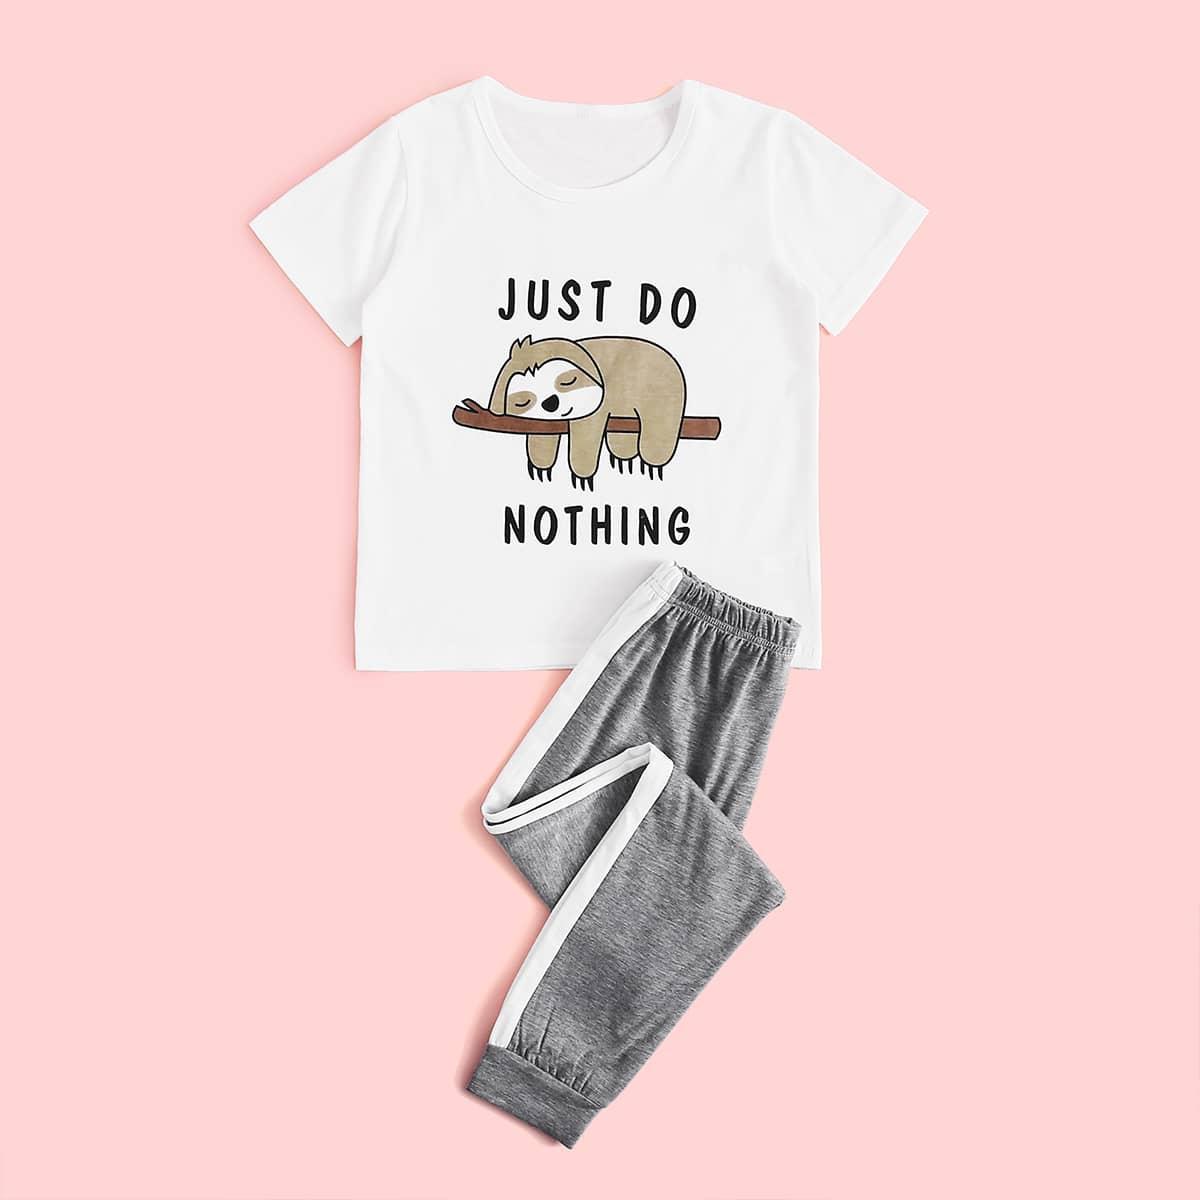 Пижама с мультяшным и текстовым принтом для девочек от SHEIN